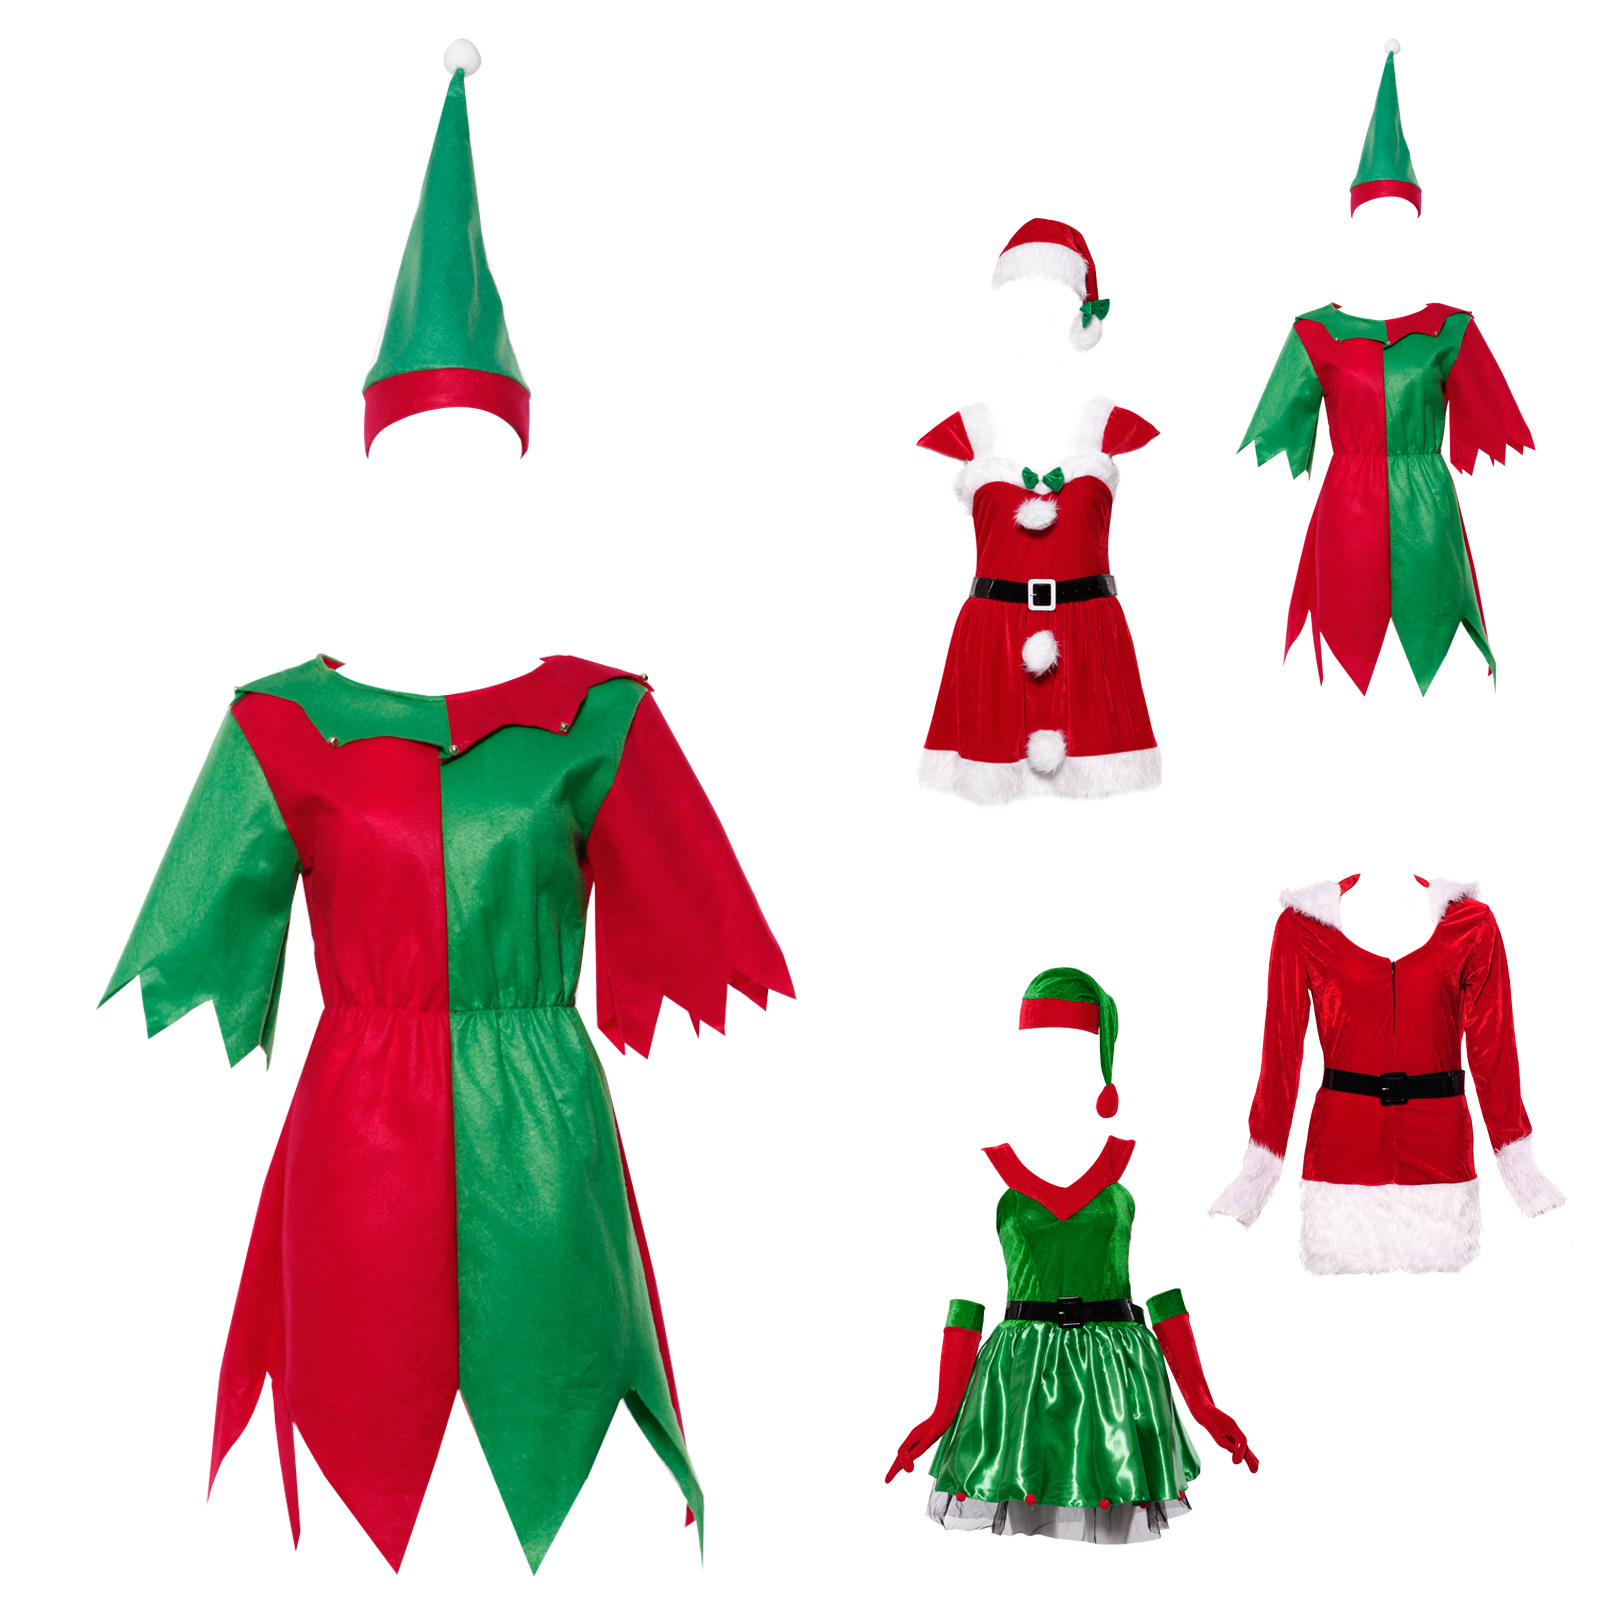 Damen Kostüm Weihnachtself Kleid Mädchen Weihnachtskleid